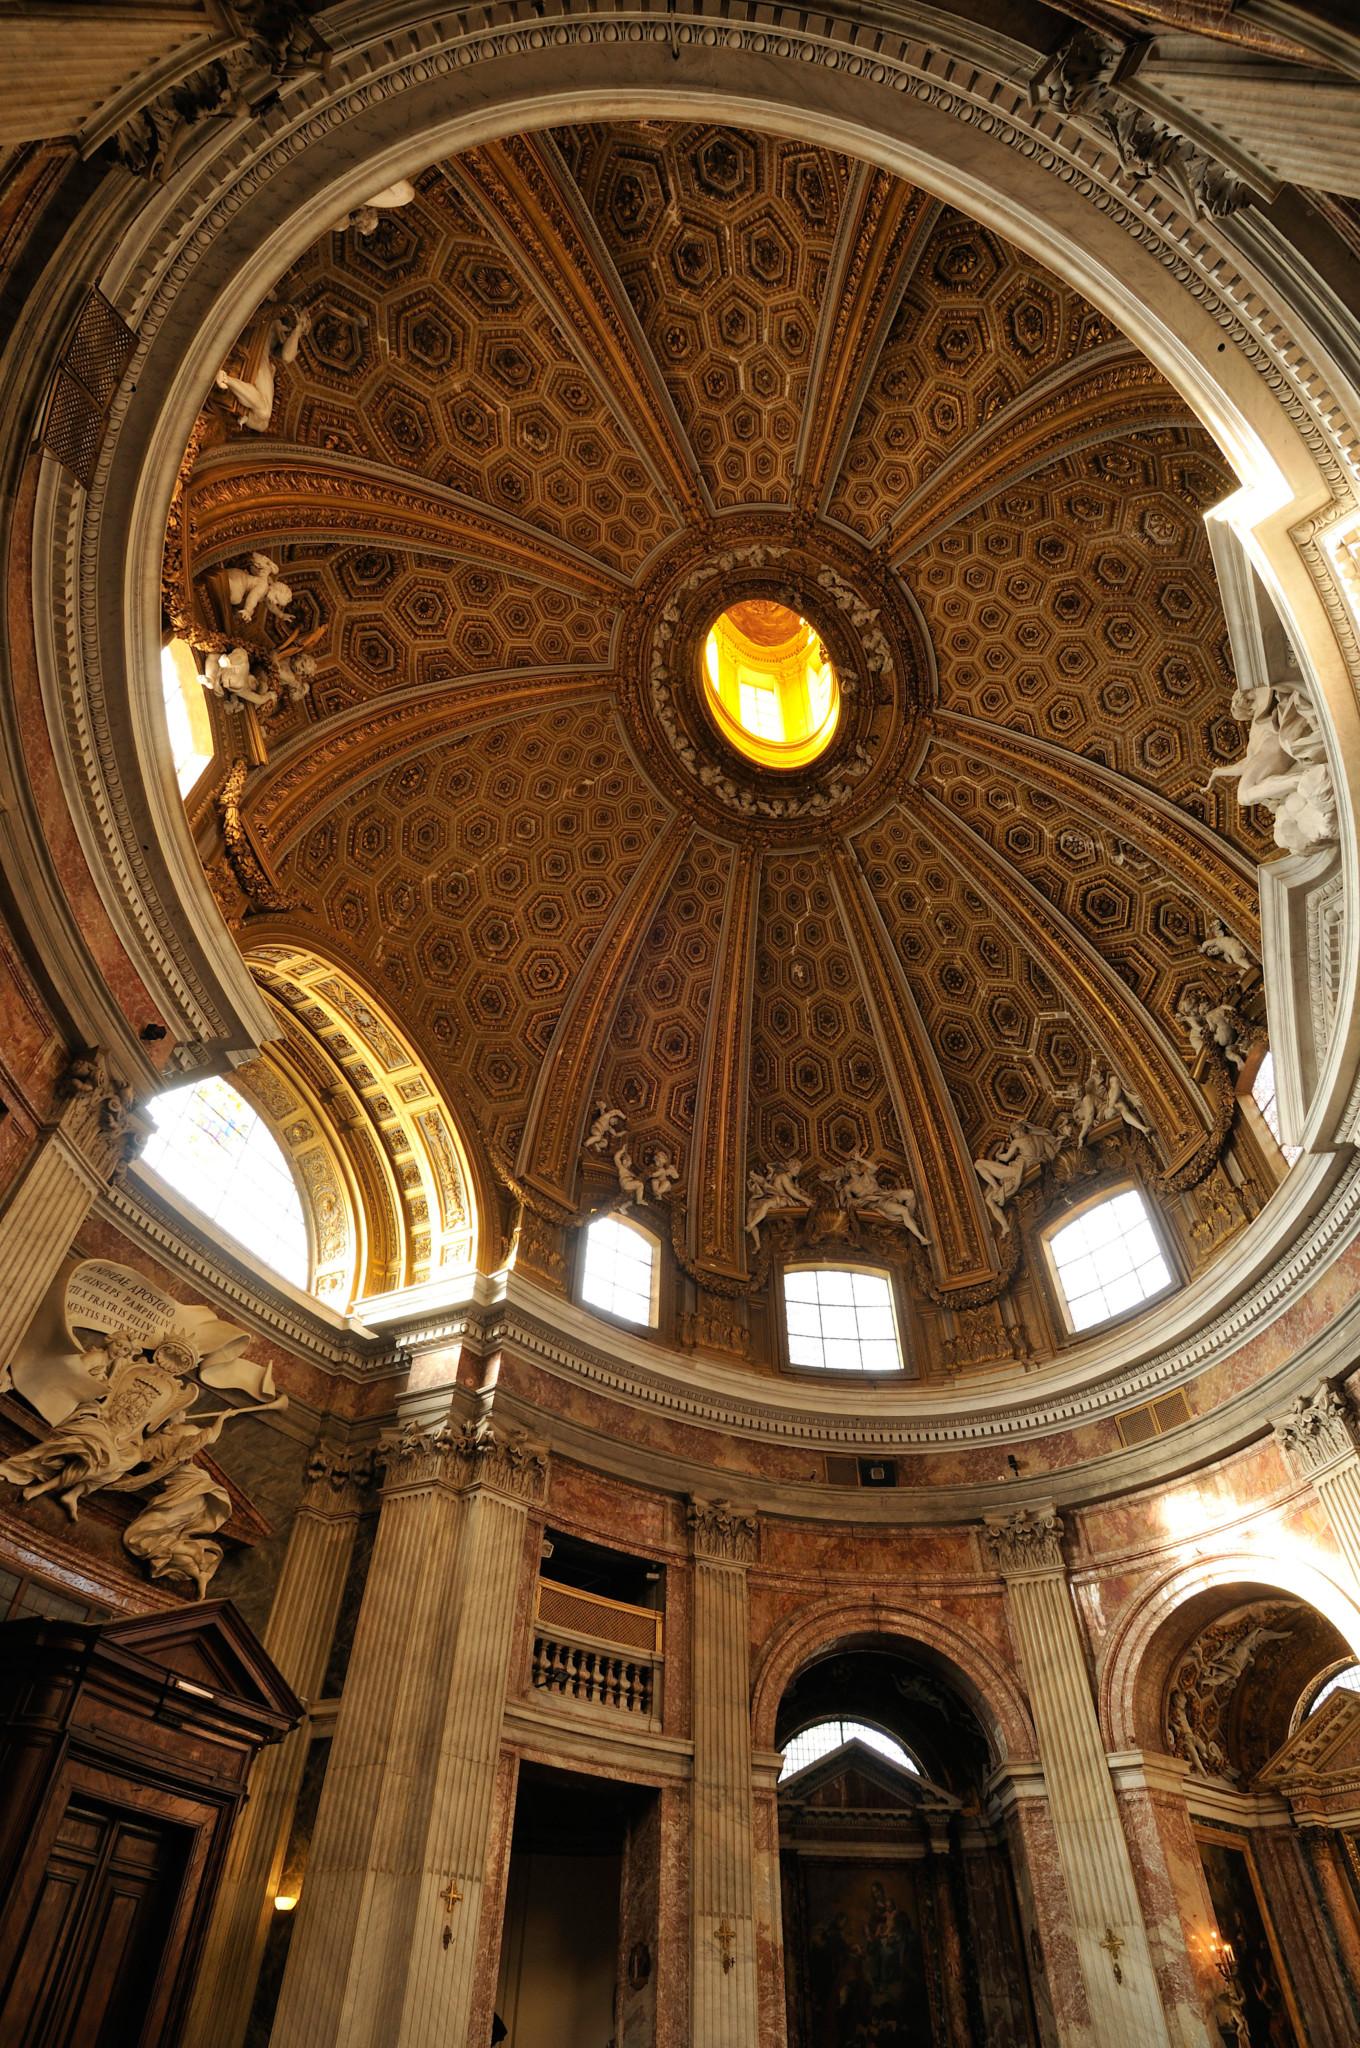 Barokowy kościół świętego Andrzeja na Kwirynale